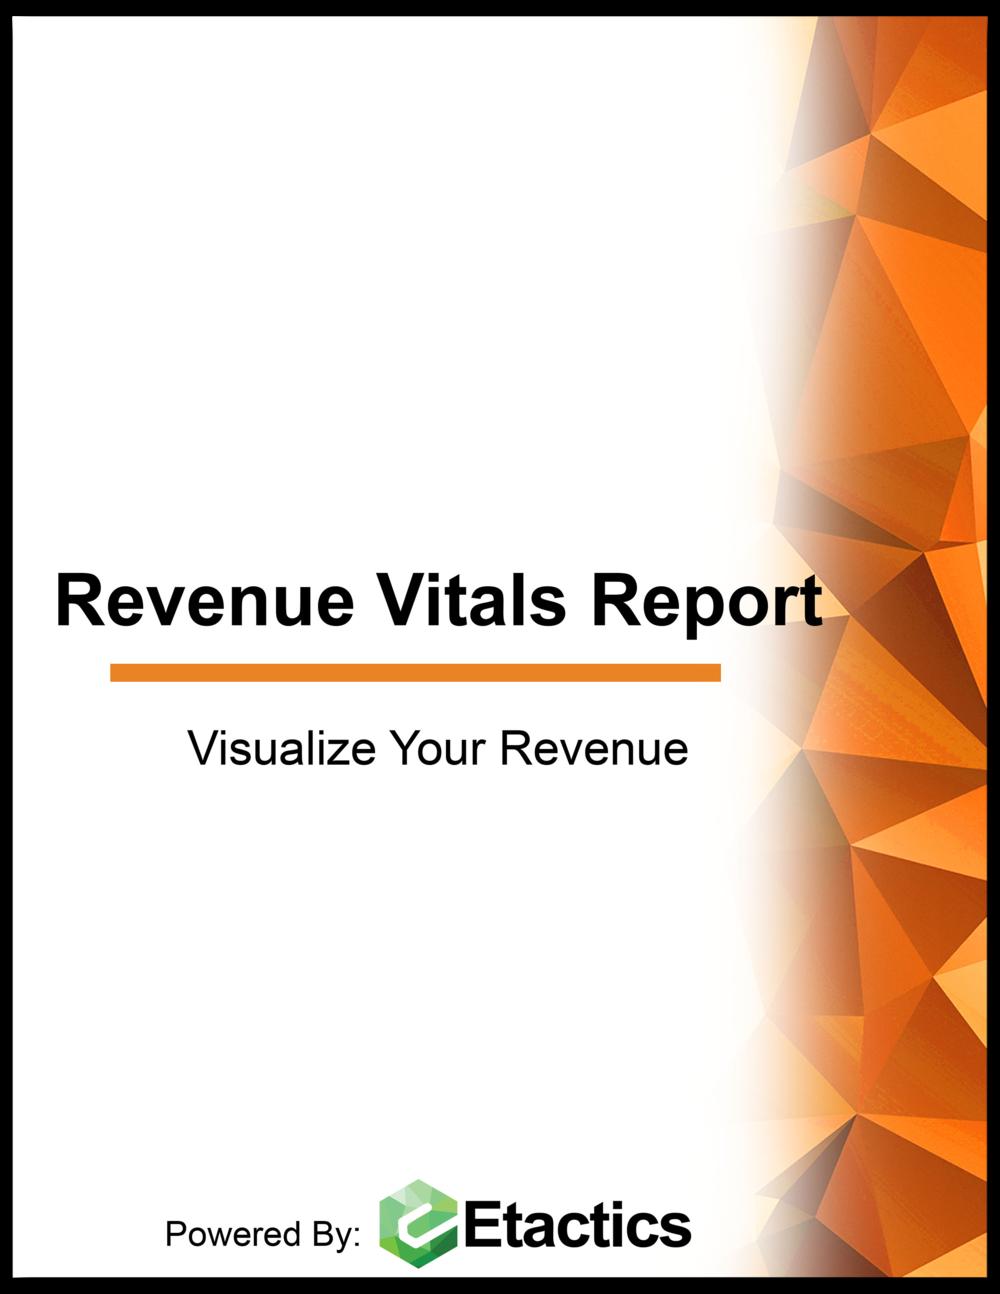 RevenueVitalsReportWebsiteCover.png